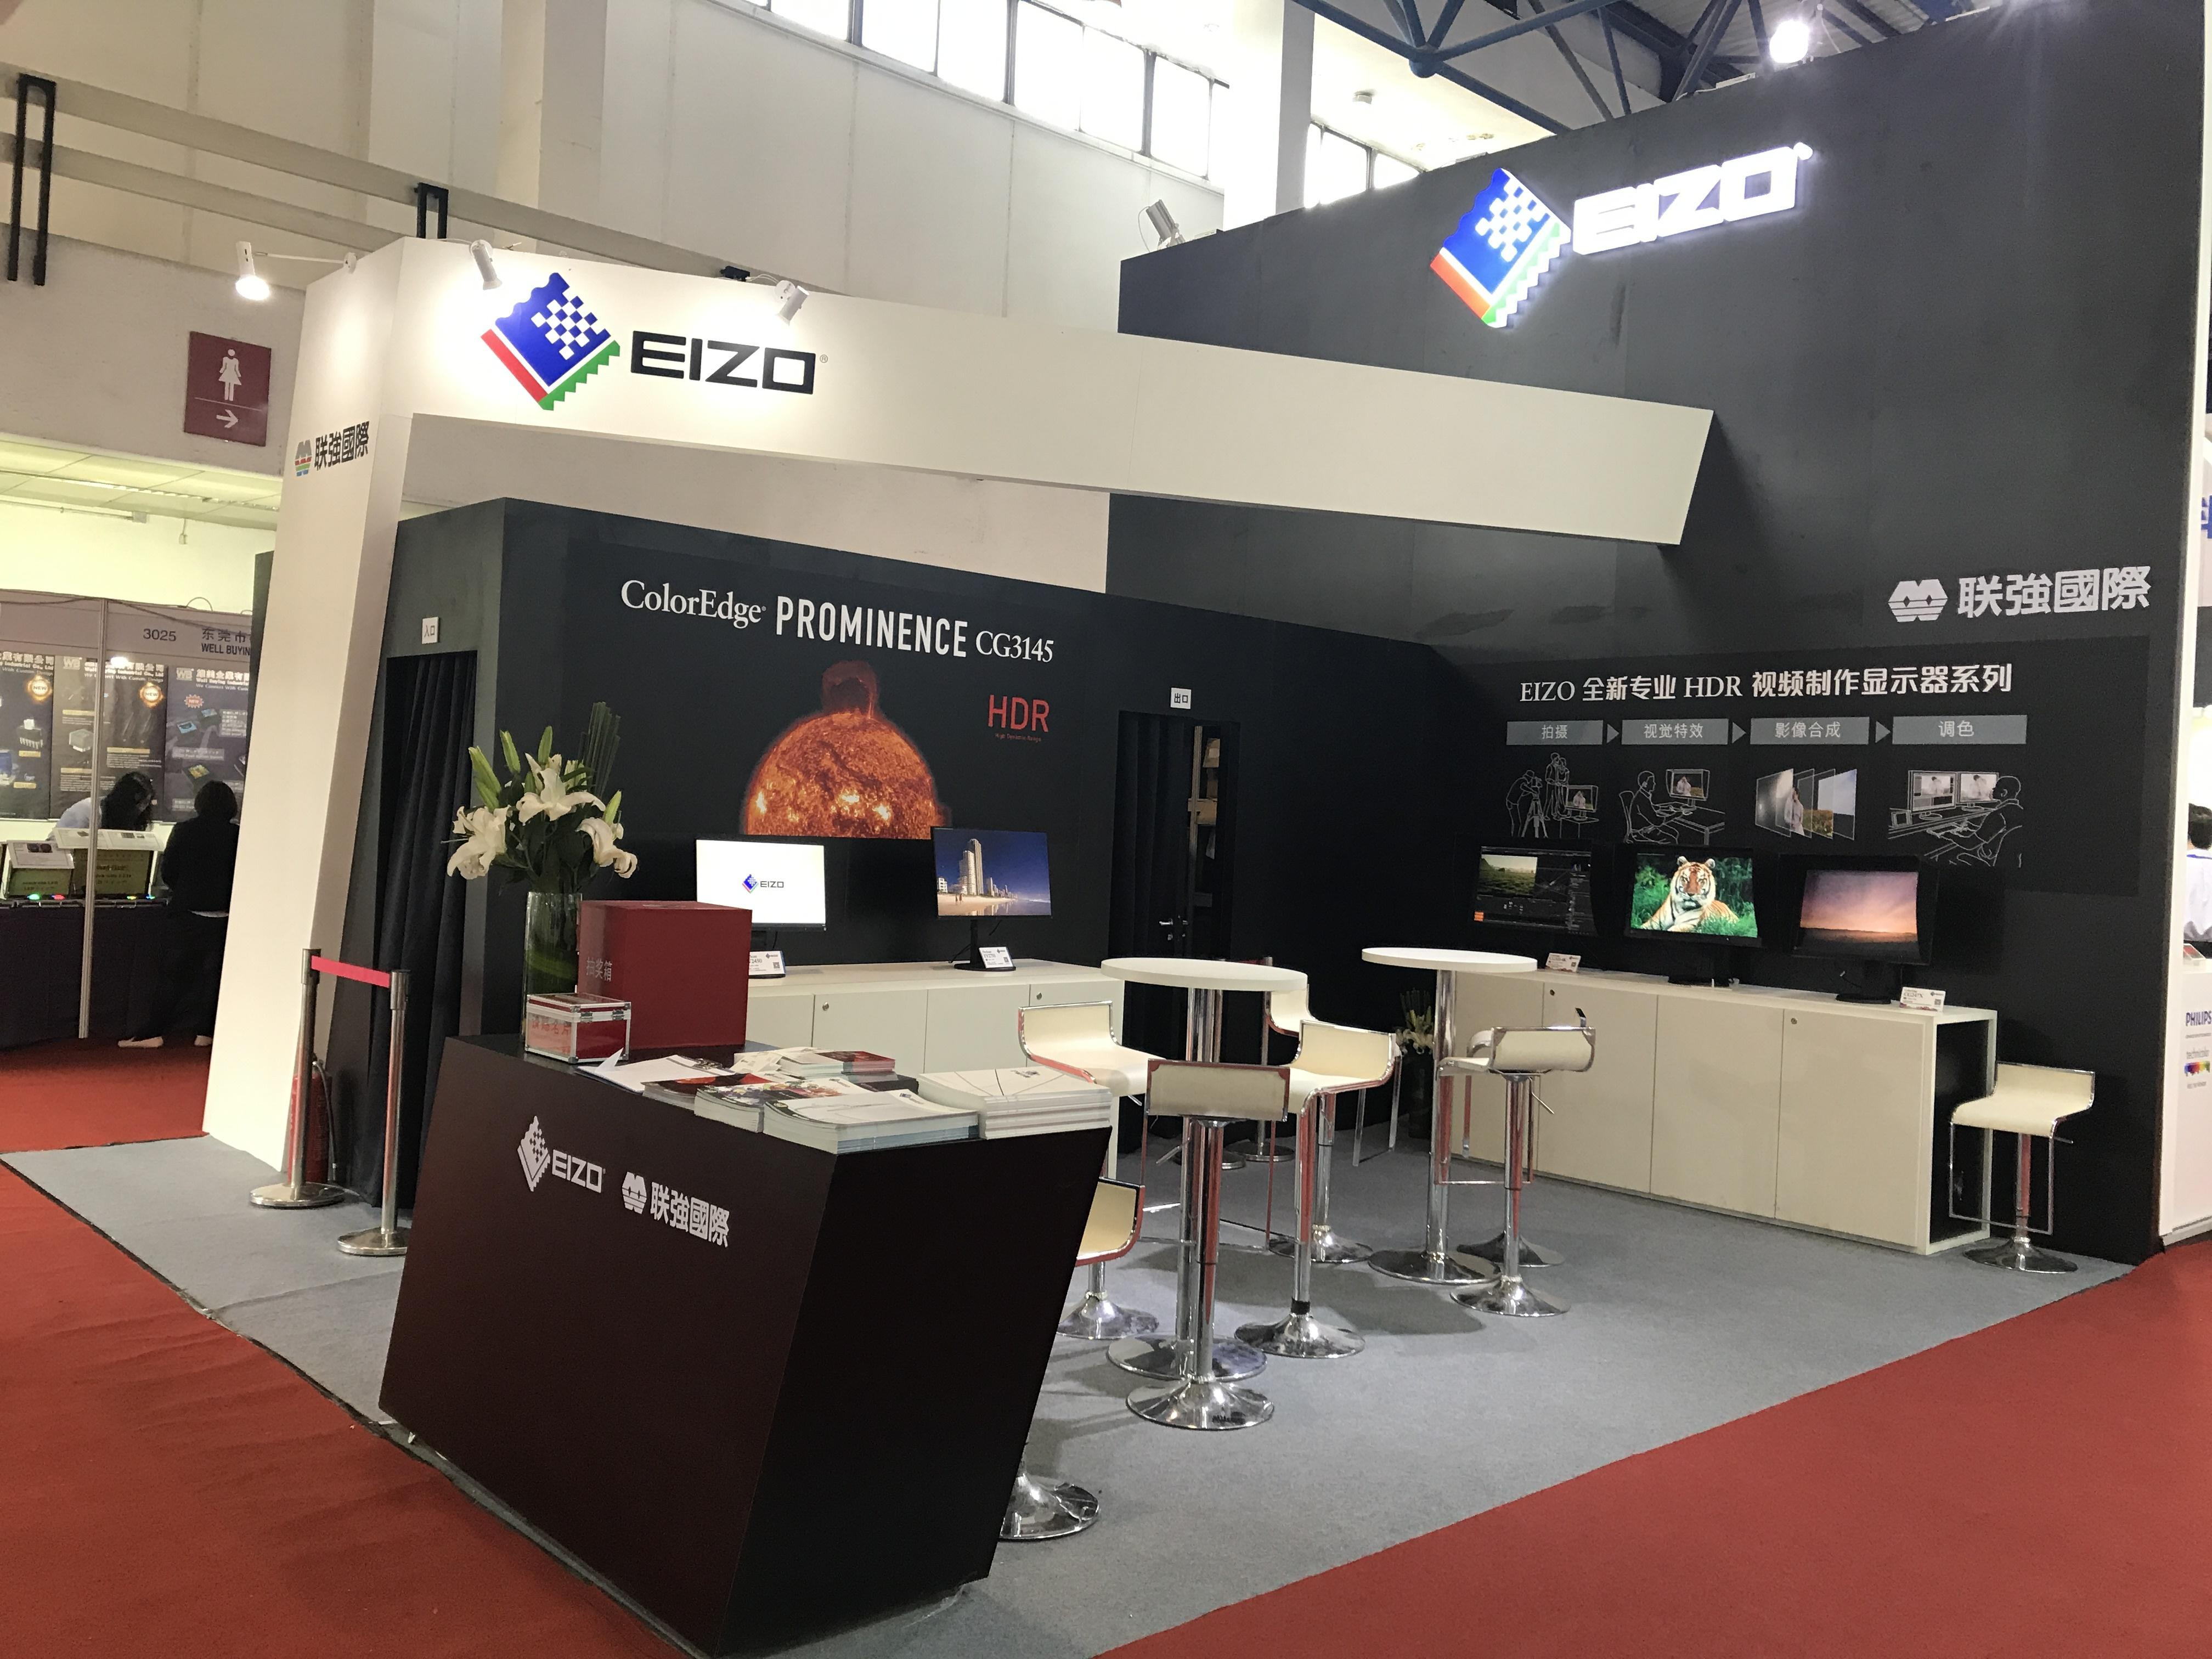 نمایشگاه بین المللی رادیو، تلویزیون و فیلم پکن۲۰۱۷